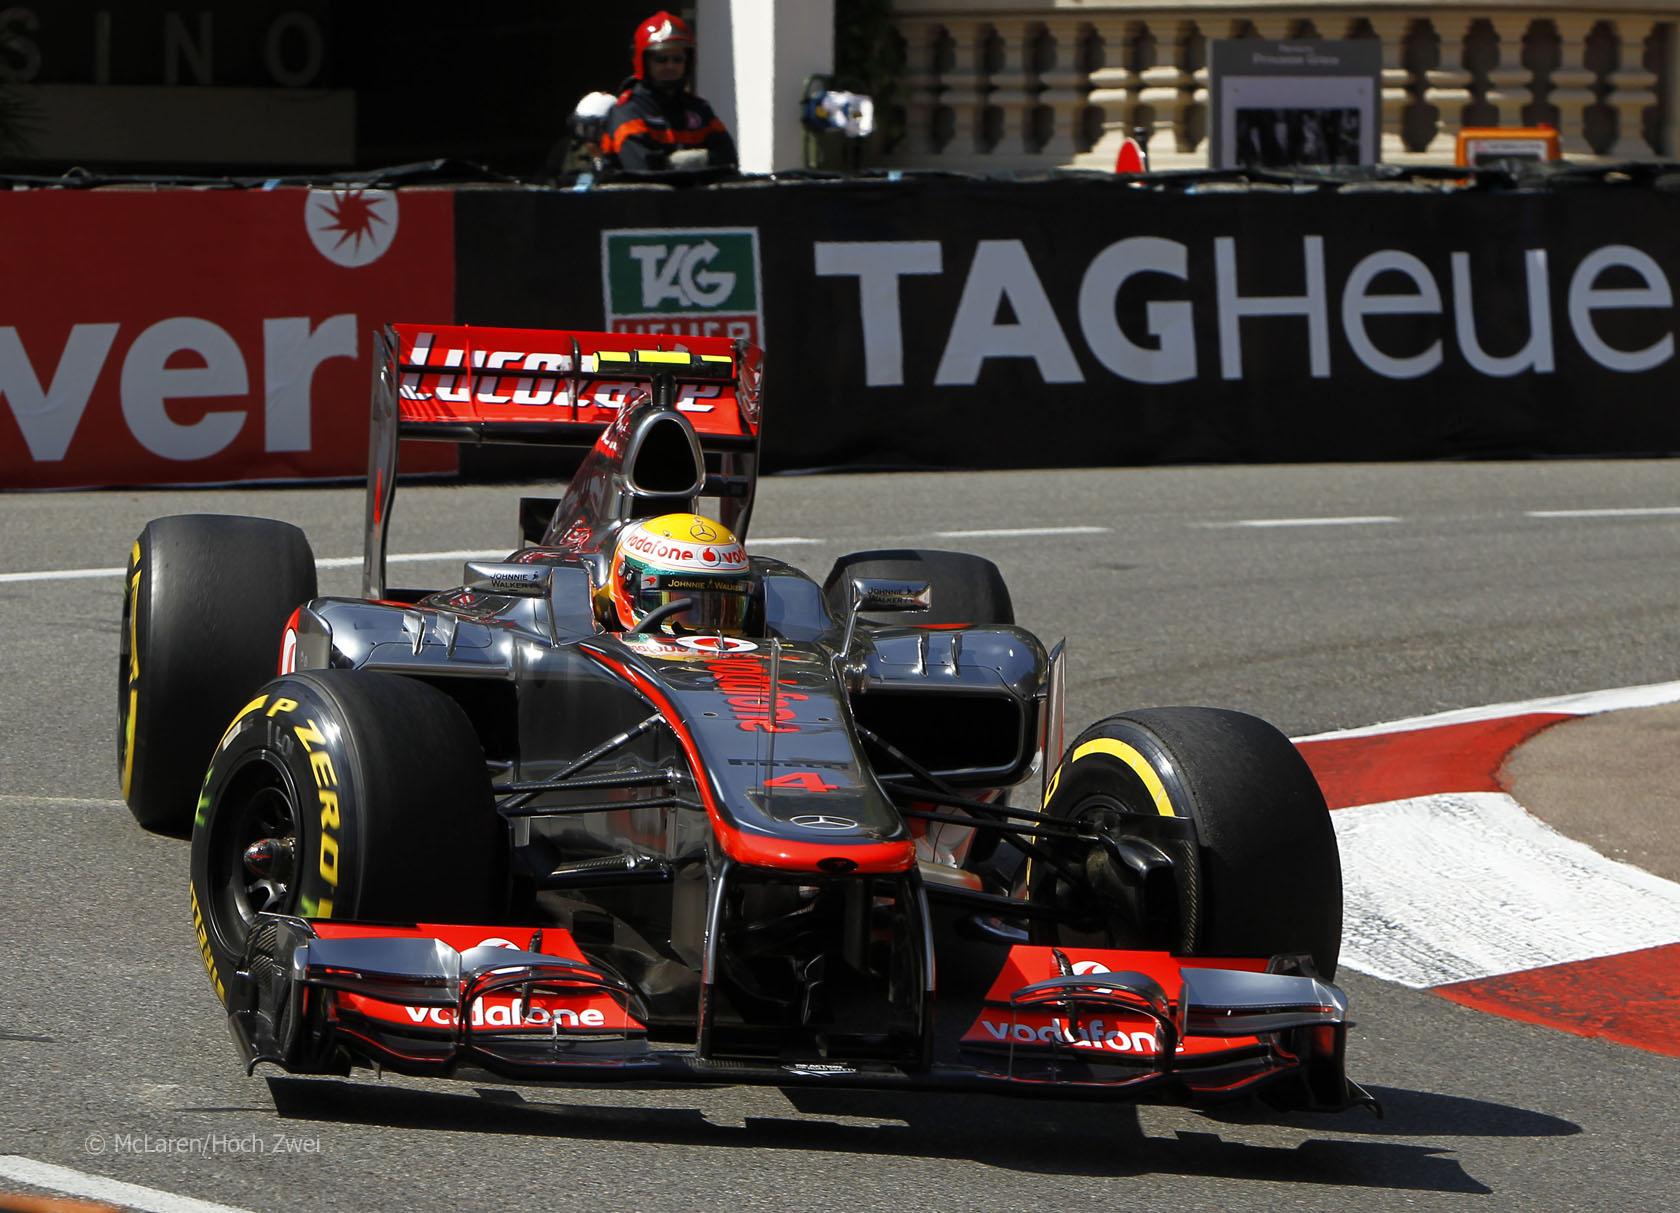 Lewis Hamilton / McLaren, Monaco | Formula 1 2012 | Pinterest ...